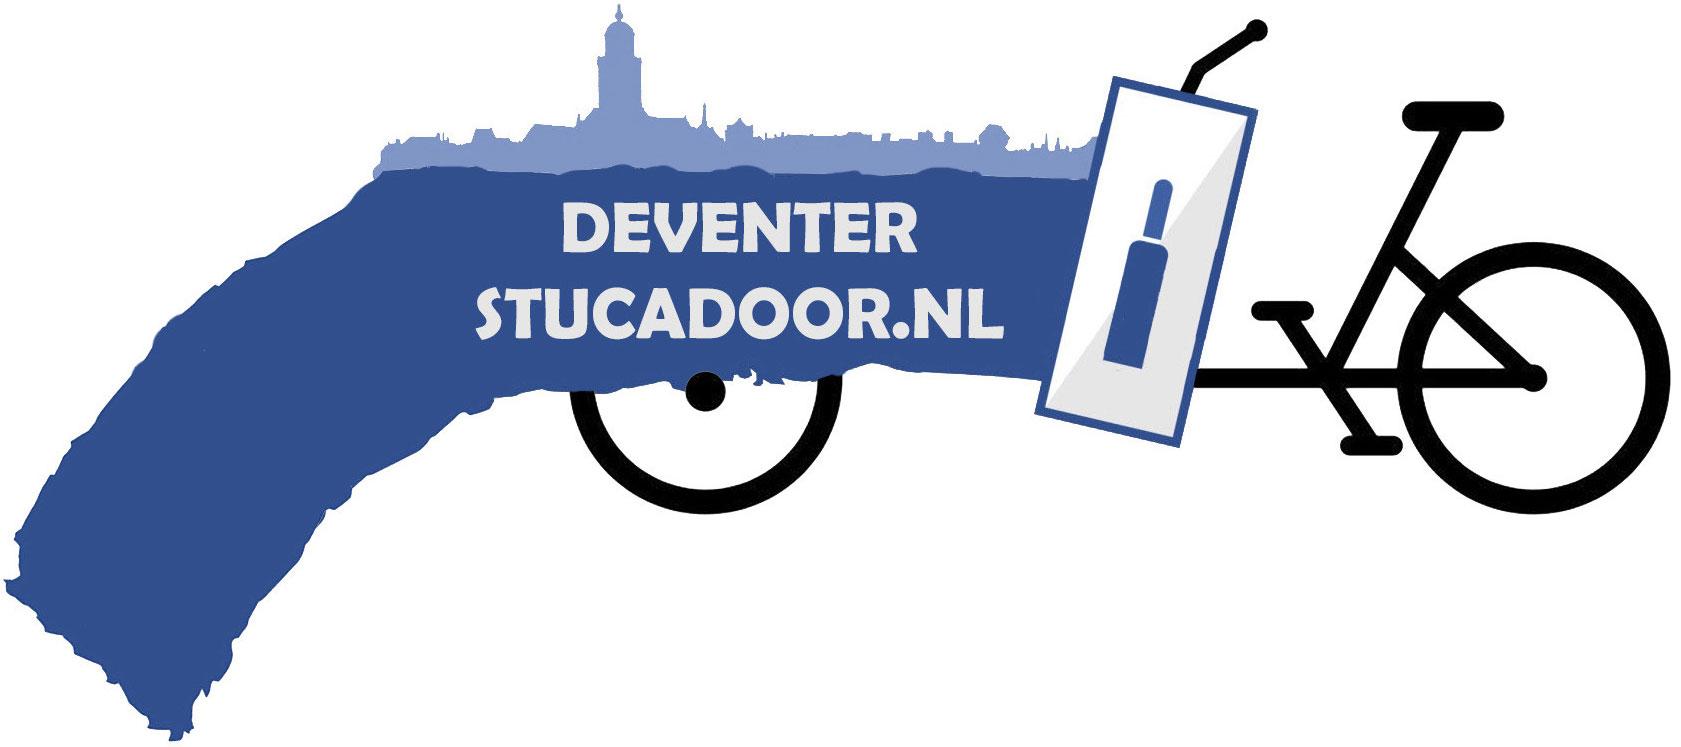 Deventer Stucadoor